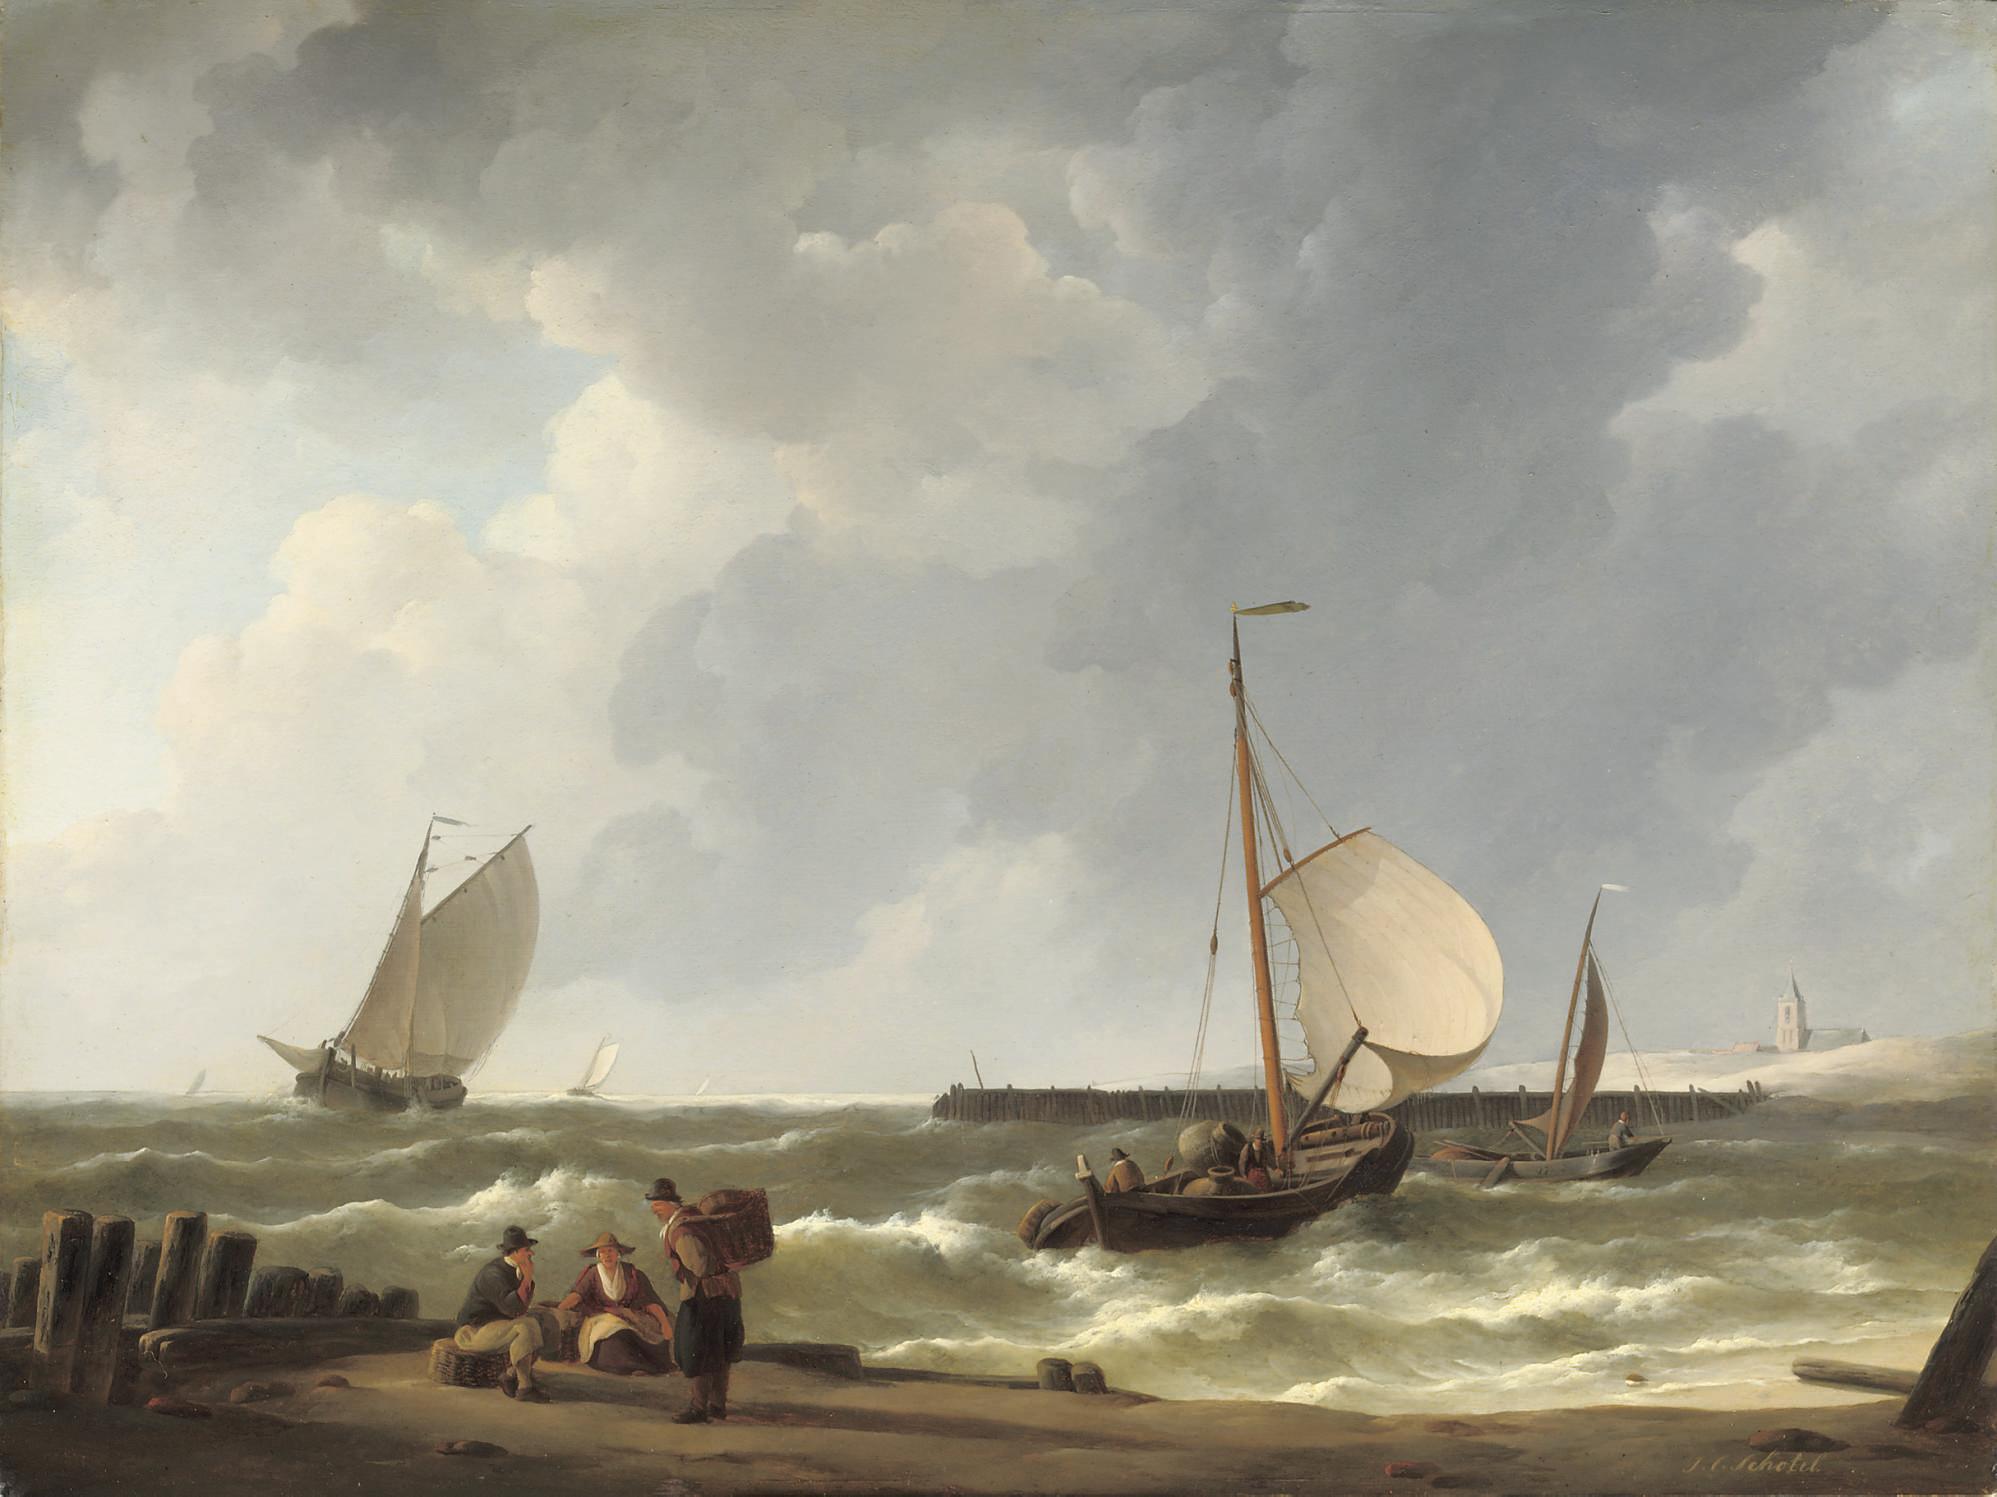 Woelende zee: sailing vessels approaching a shore